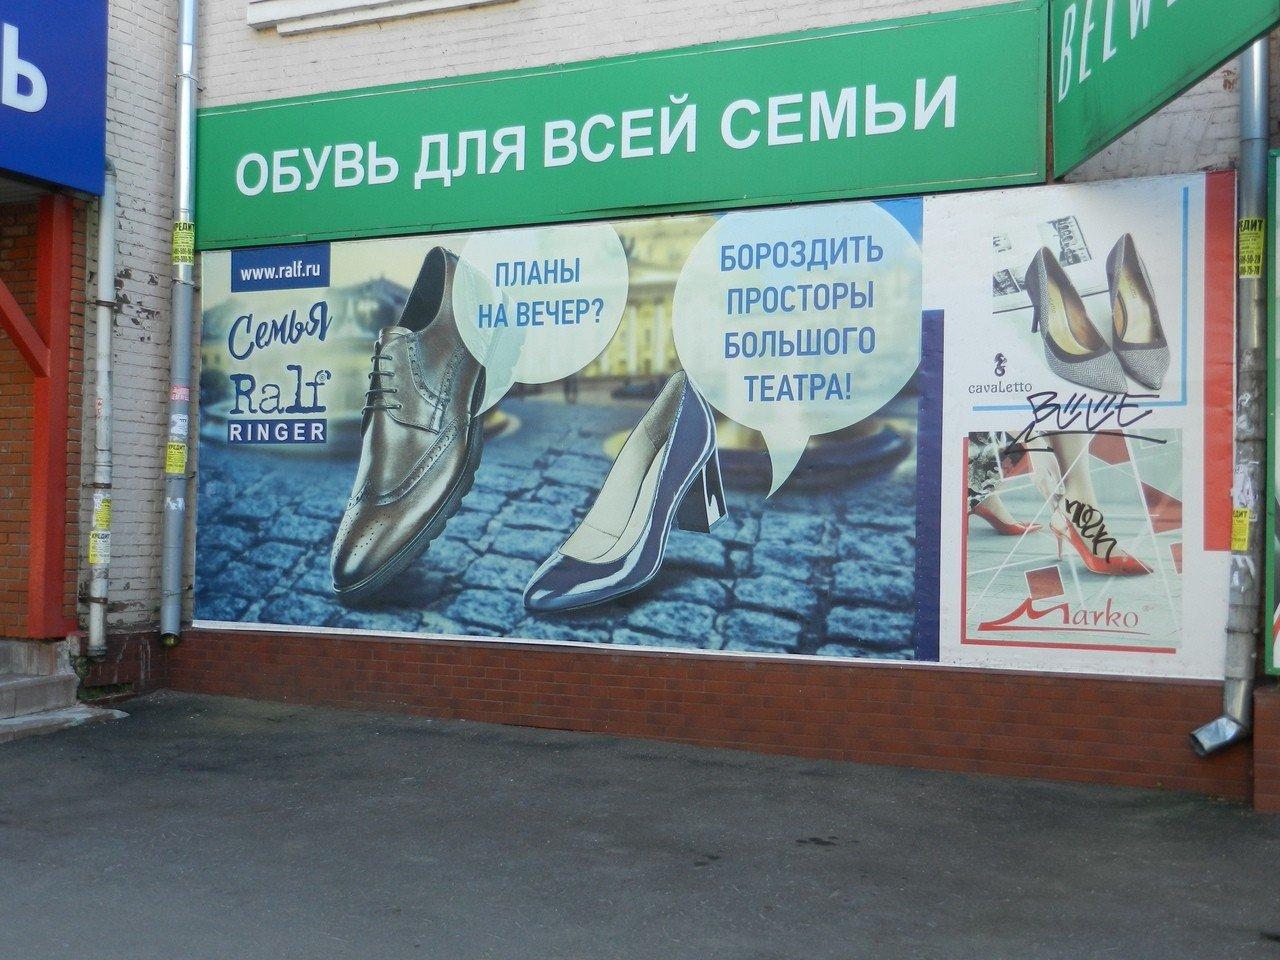 Смешные объявления, вывески и реклама (21 фото)